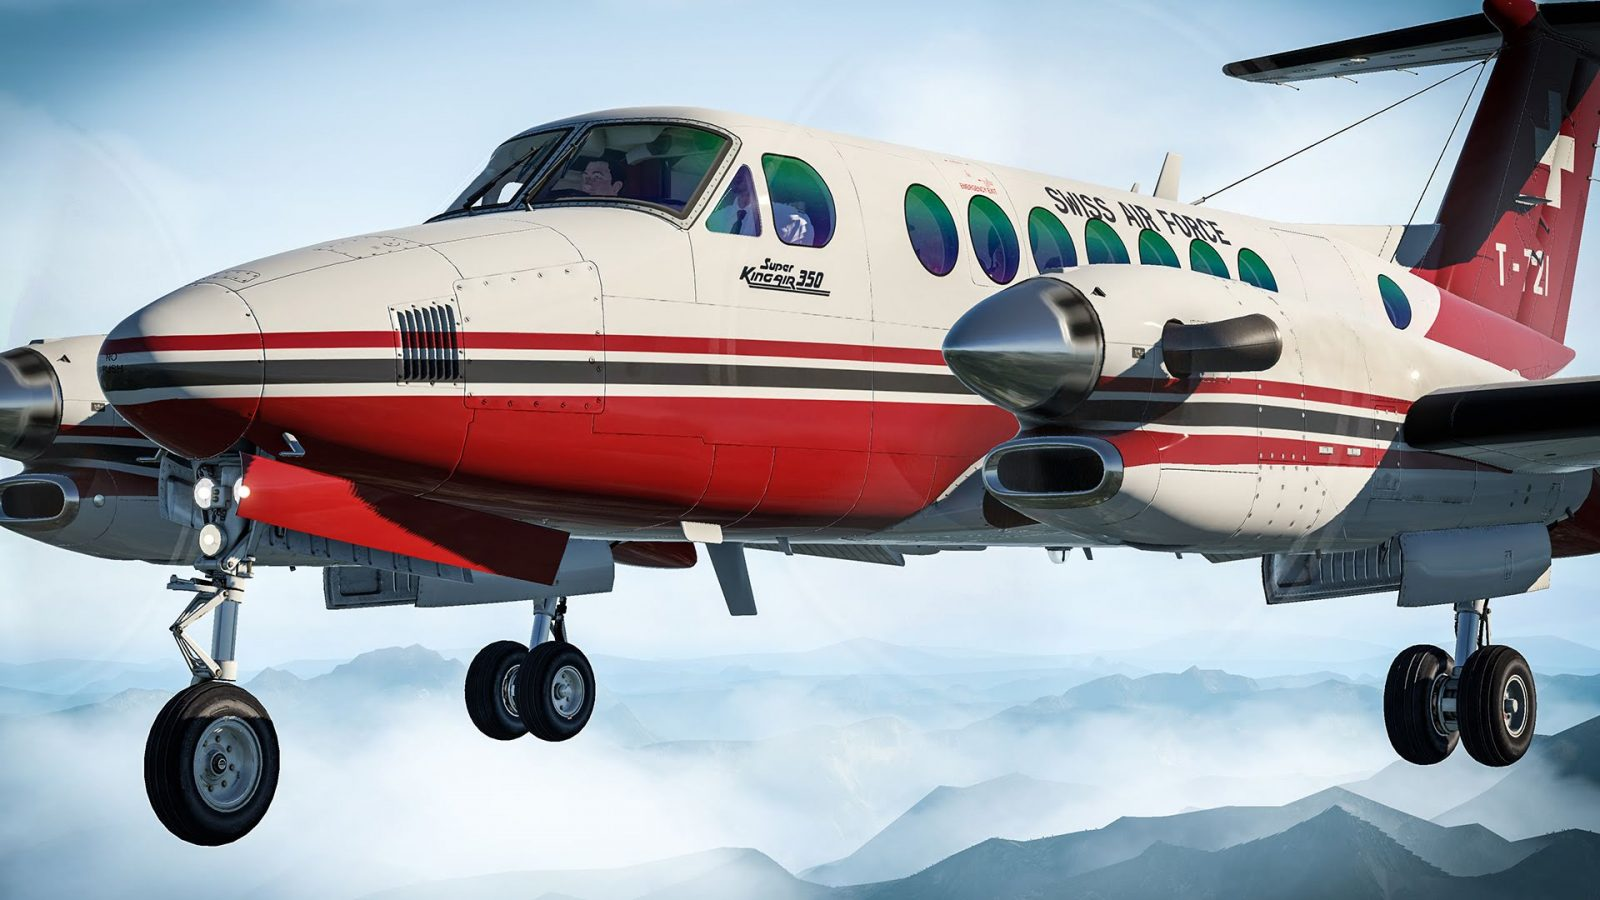 airfoillabs-king-air-350-1-1600x900.jpg